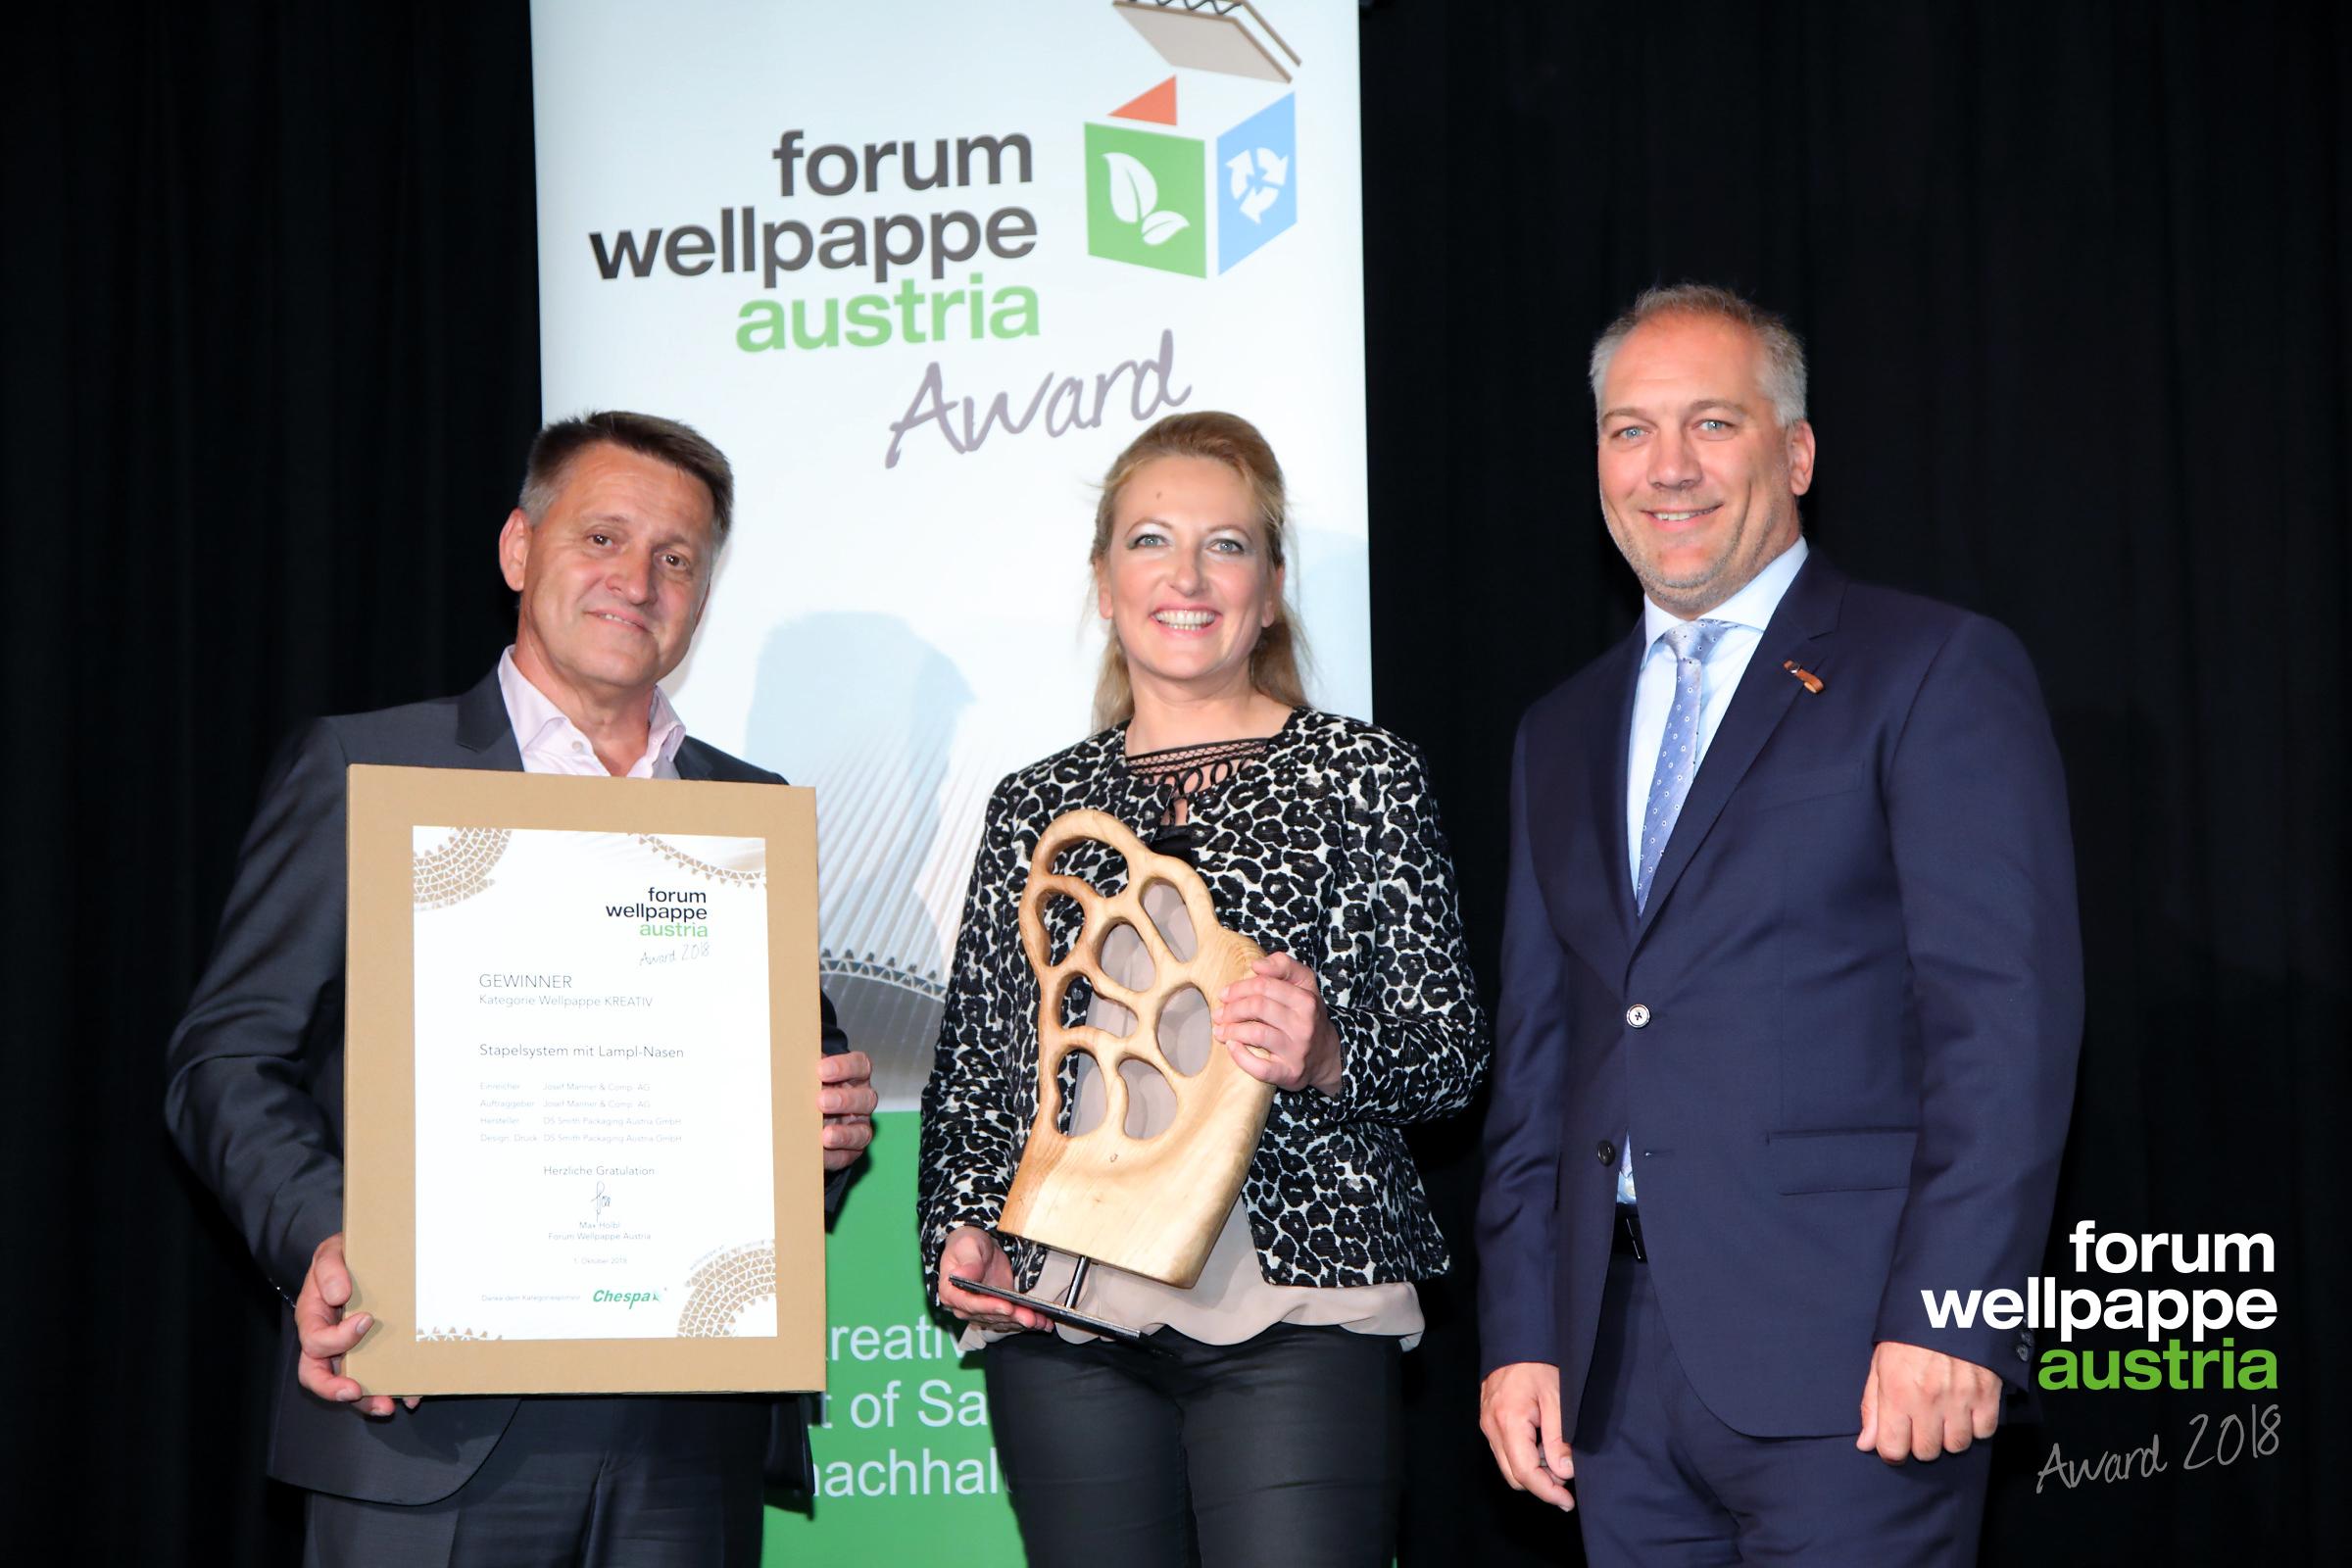 Wellpappe Austria Award 2018 | Kategorie Kreativ. Edmund Steinwender, DS Smith Packaging Austria, Susanne Lampl, Manner AG und Markus Pflügl, Chespa Austria. Foto © com_unit | Ludwig Schedl